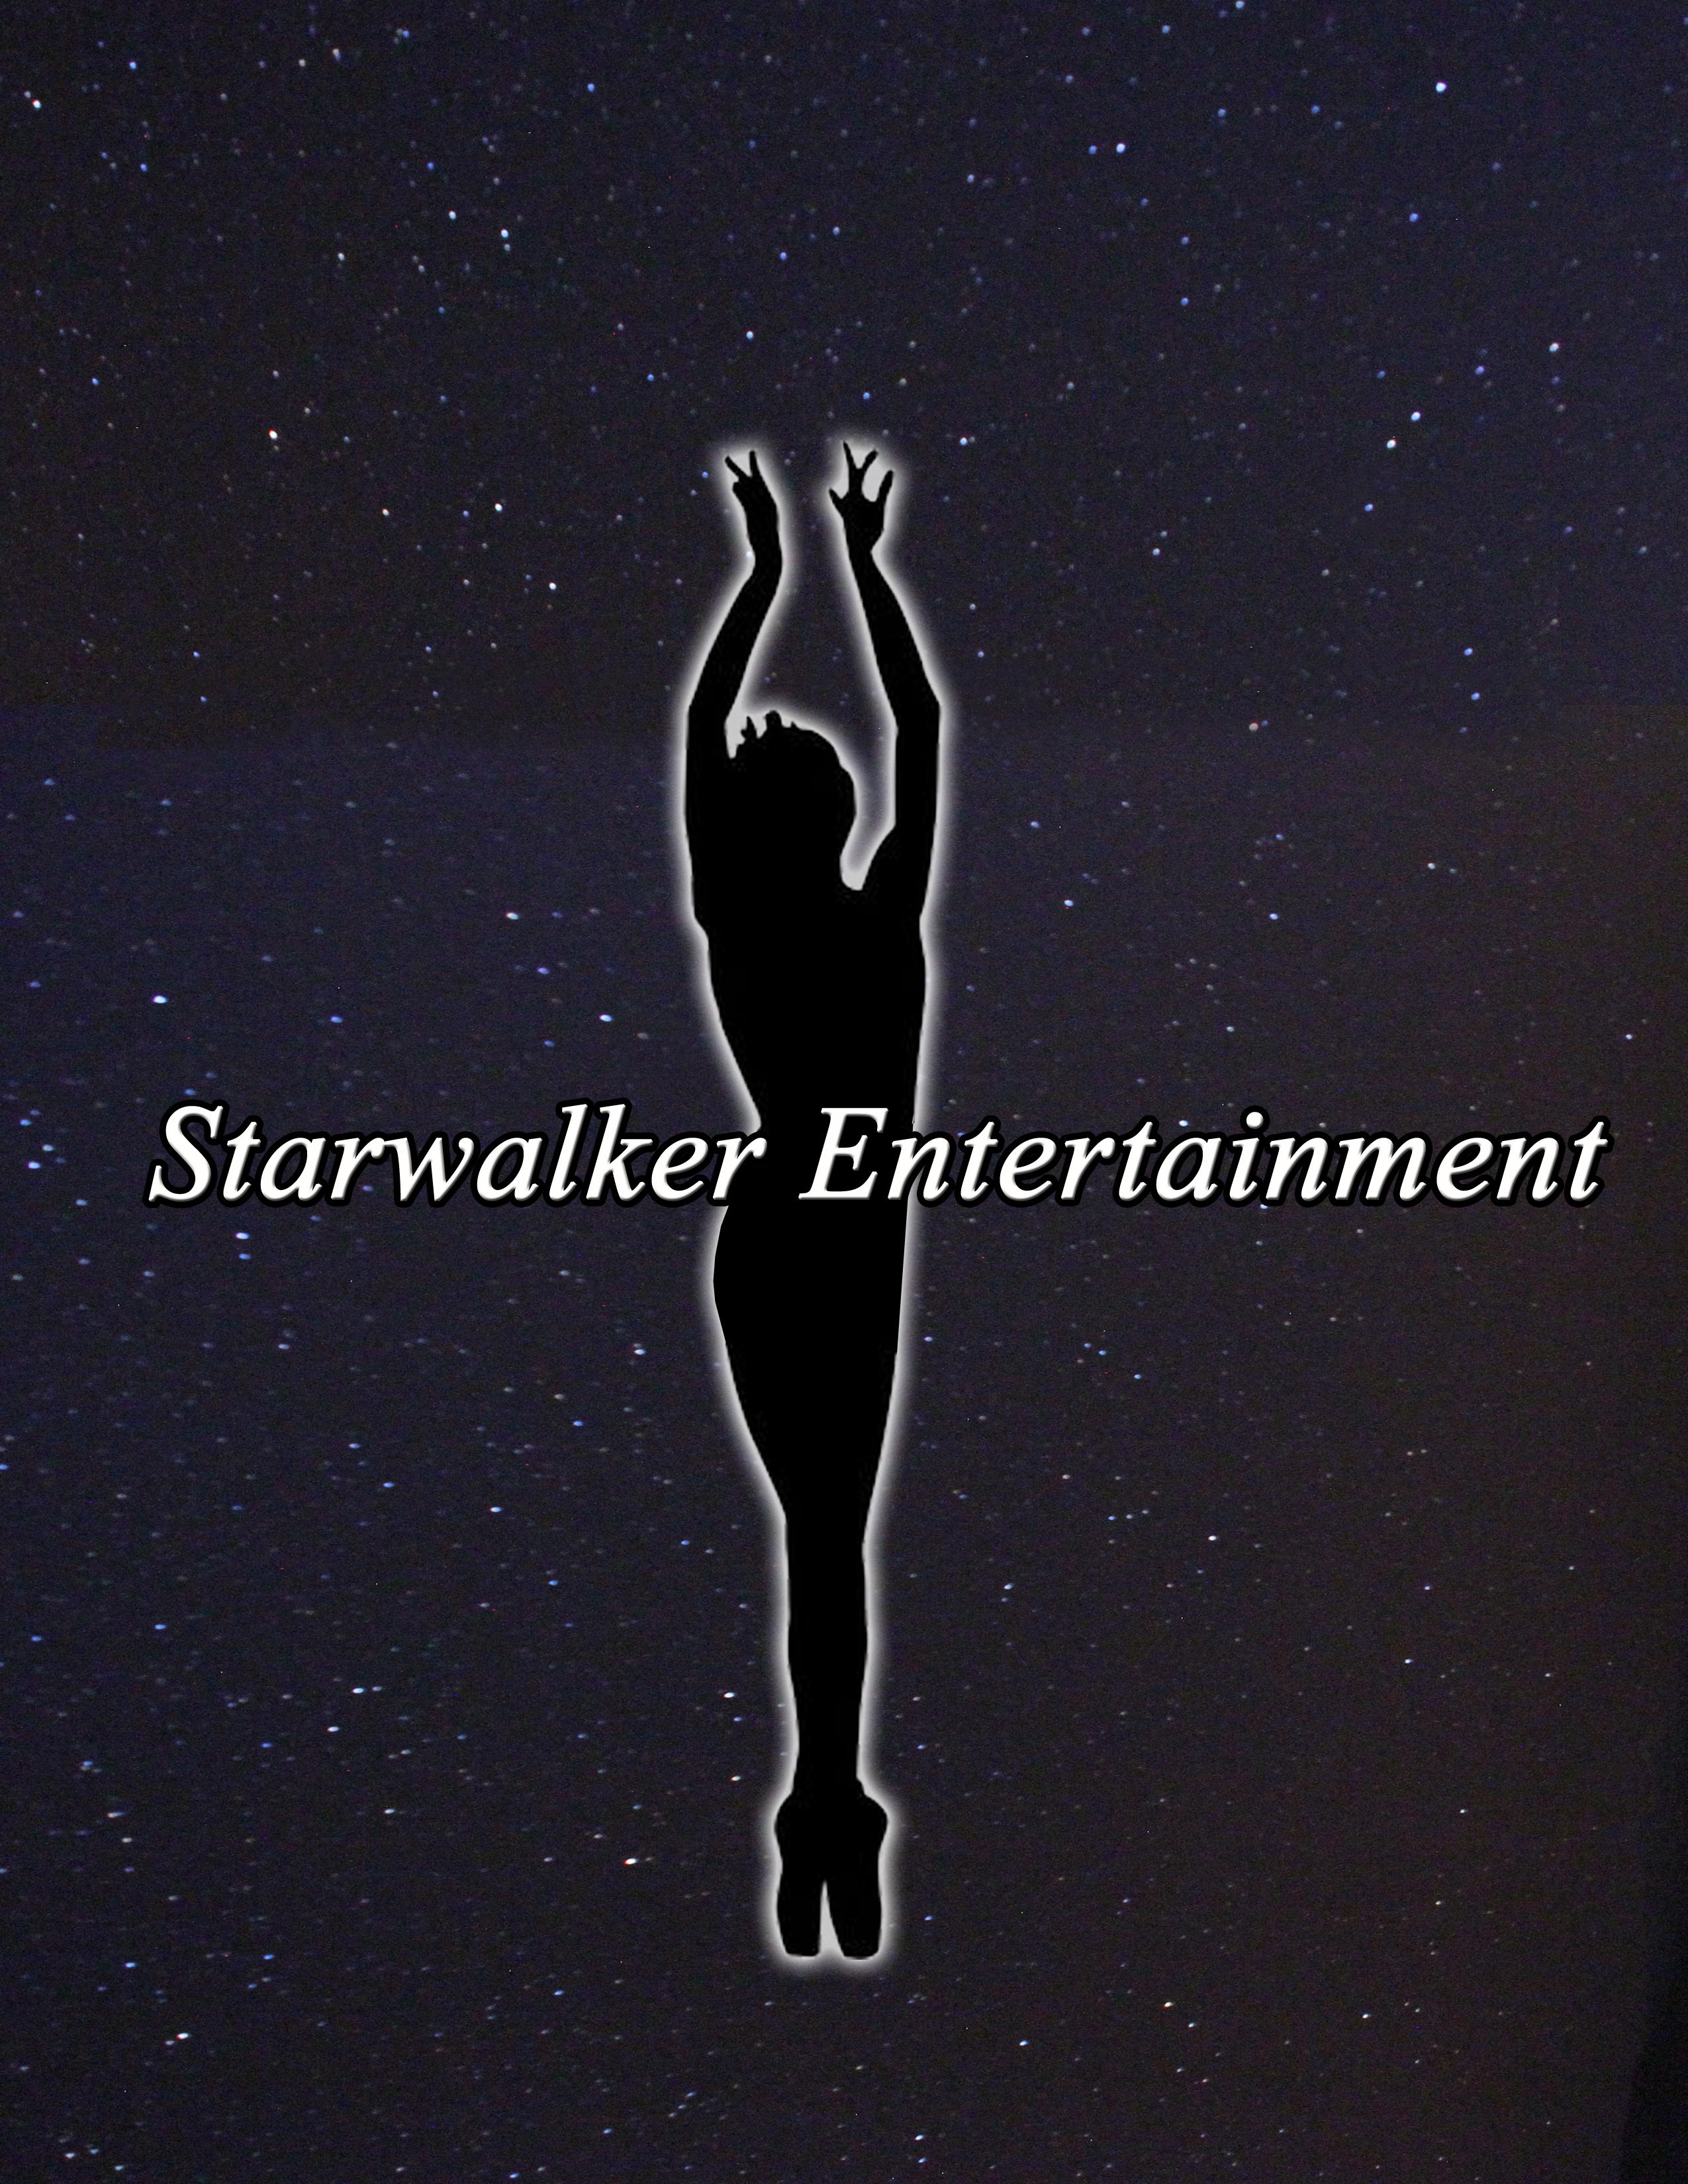 Starwalker Entertainment5